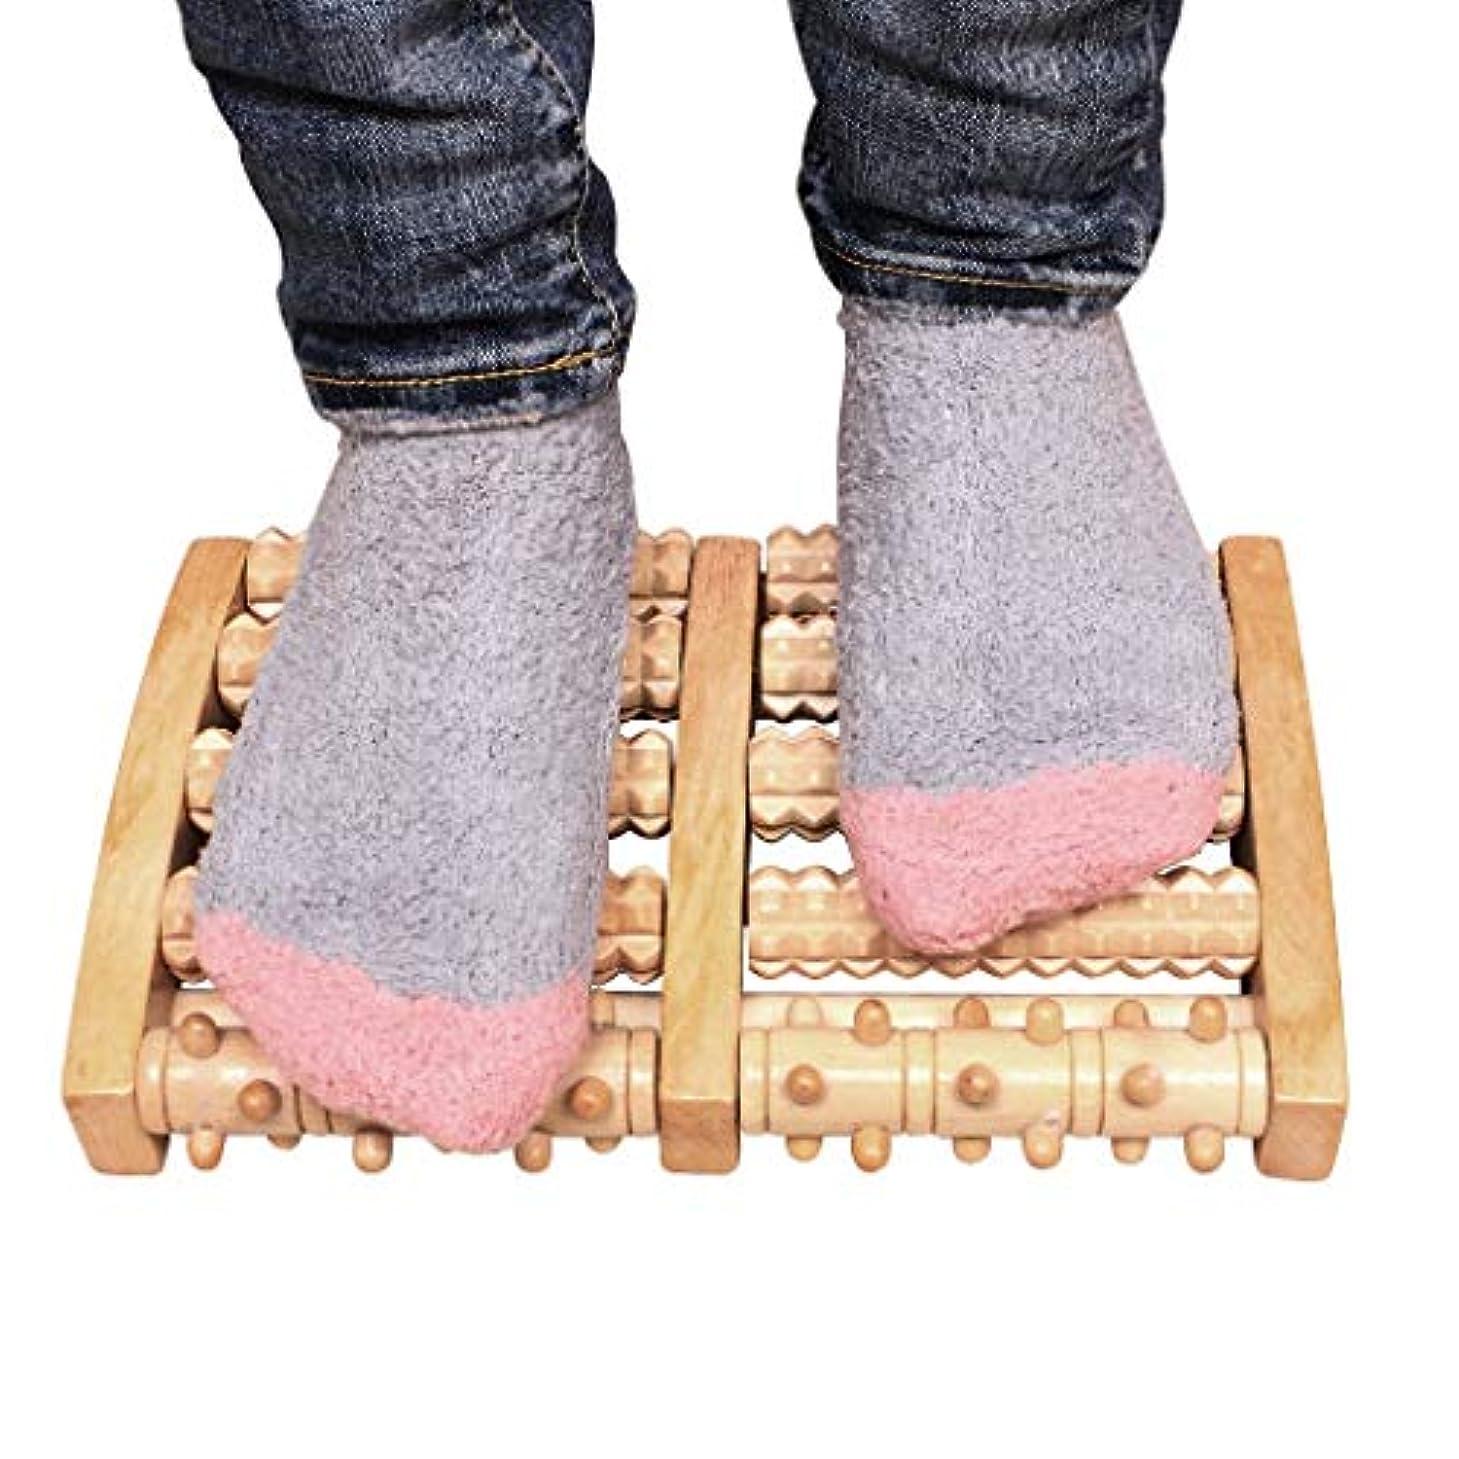 構成九テロリスト木の二重足のマッサージャー、足底筋膜炎のためのローラーの痛みの軽減治癒拍車ディープティッシュ指圧フット&ヒールマッサージャー